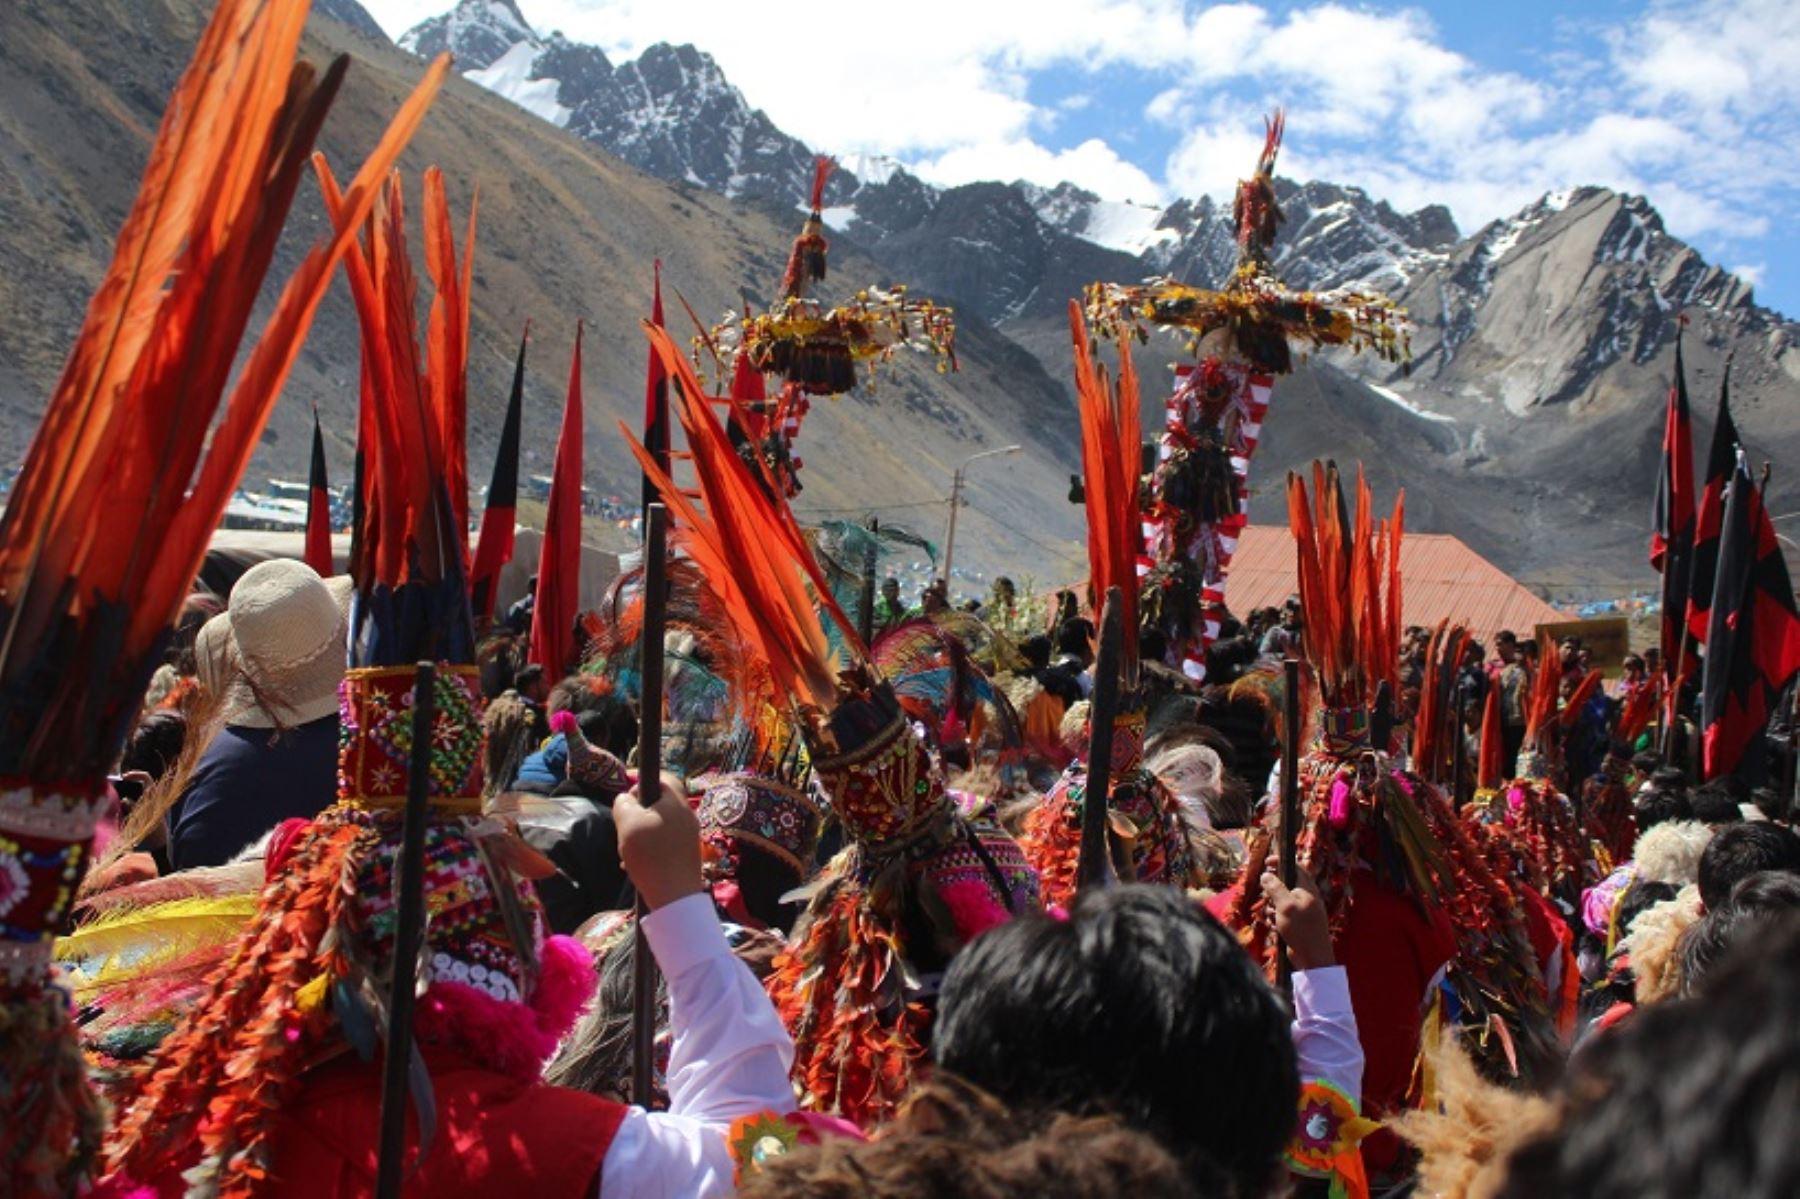 Así se vivió en Cusco la peregrinación al Santuario del Señor de Qoyllur Riti en el nevado Colque Punko. ANDINA/Percy Hurtado